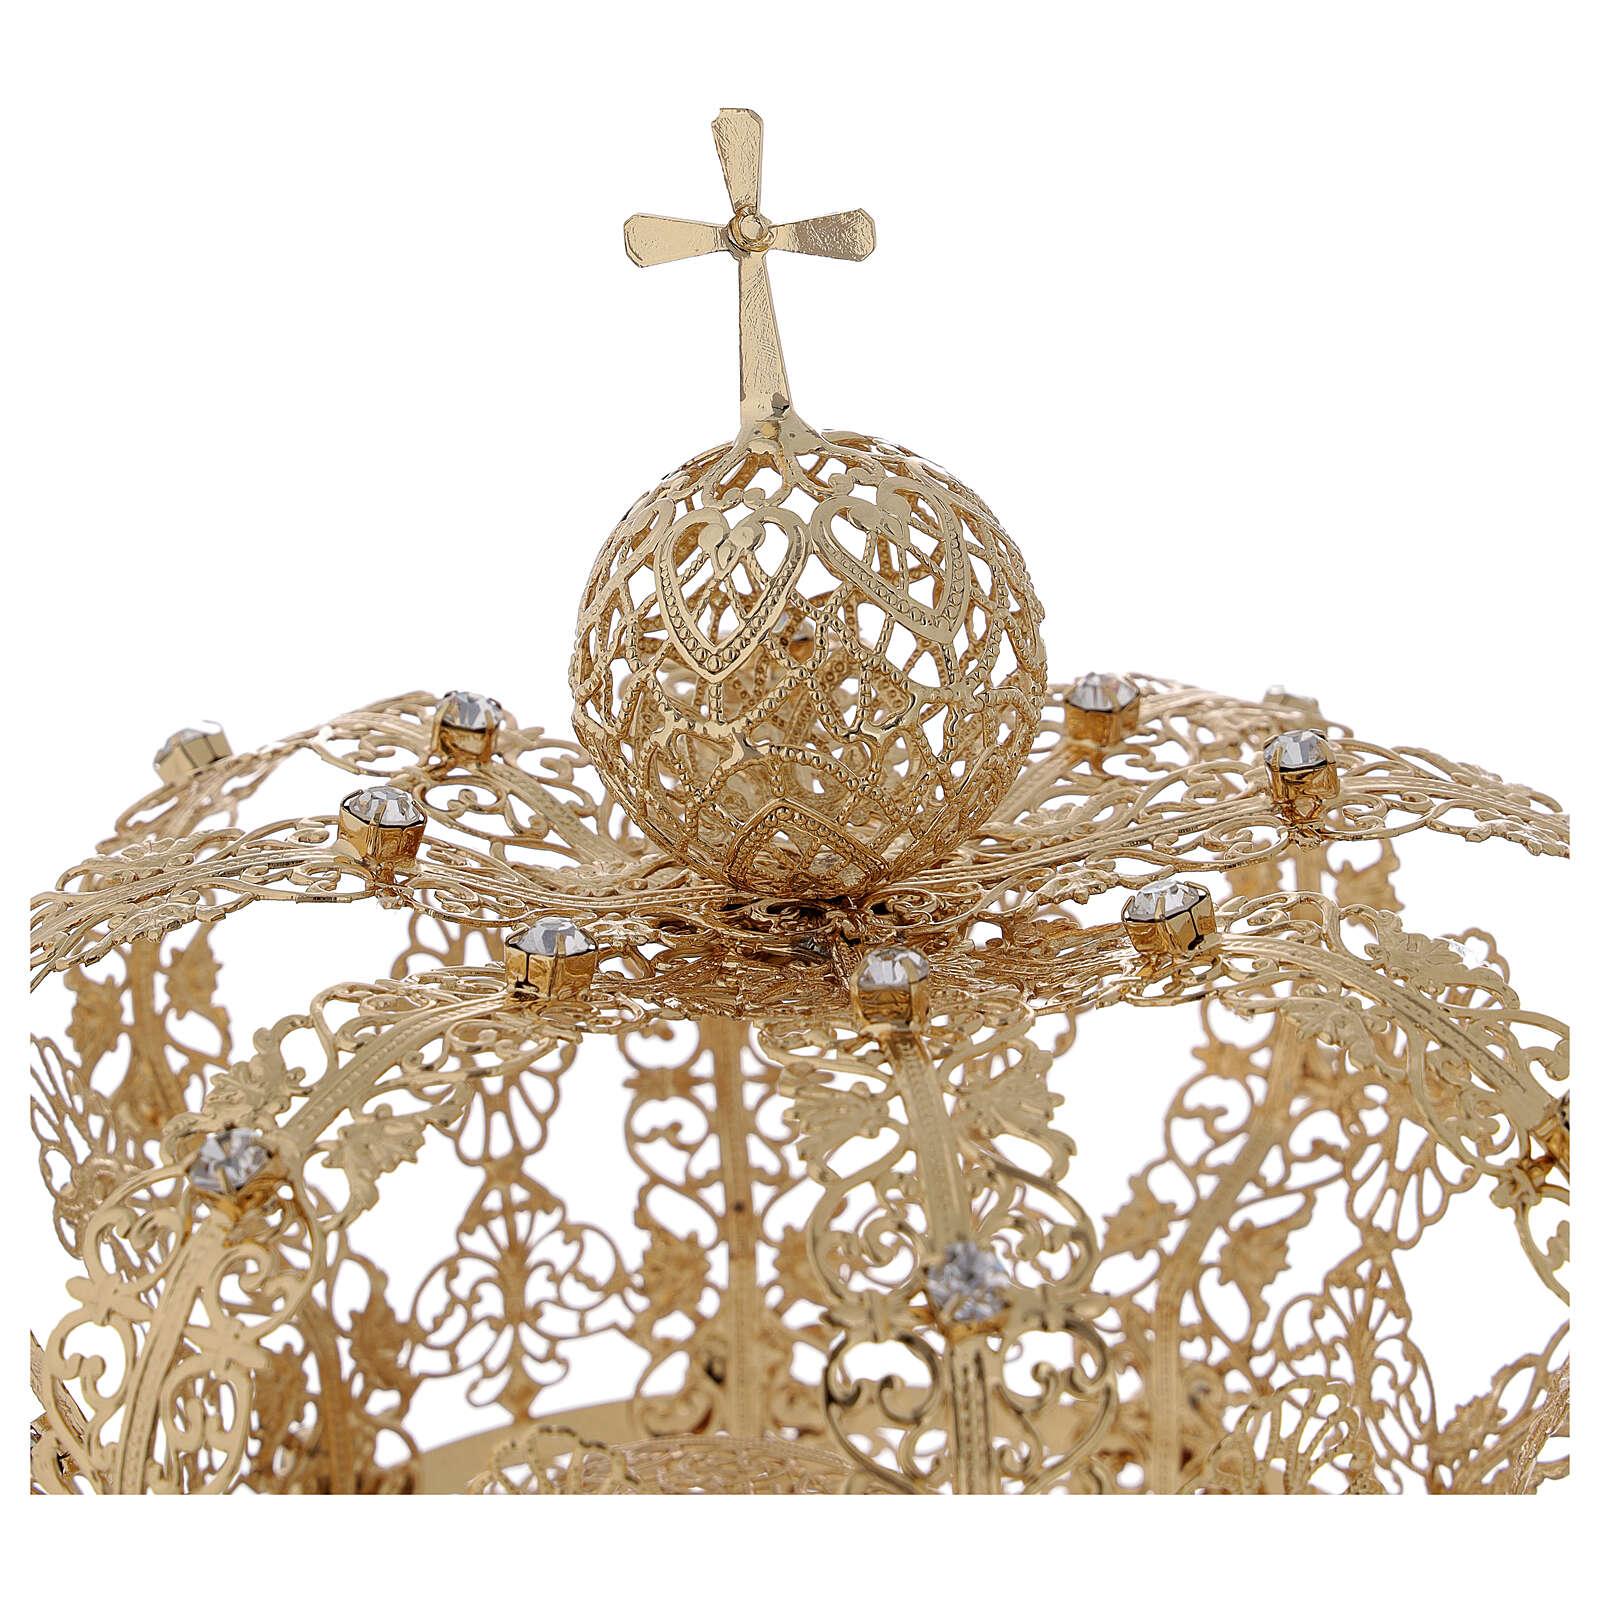 Corona regale per Madonna ottone dorato 12 cm 3